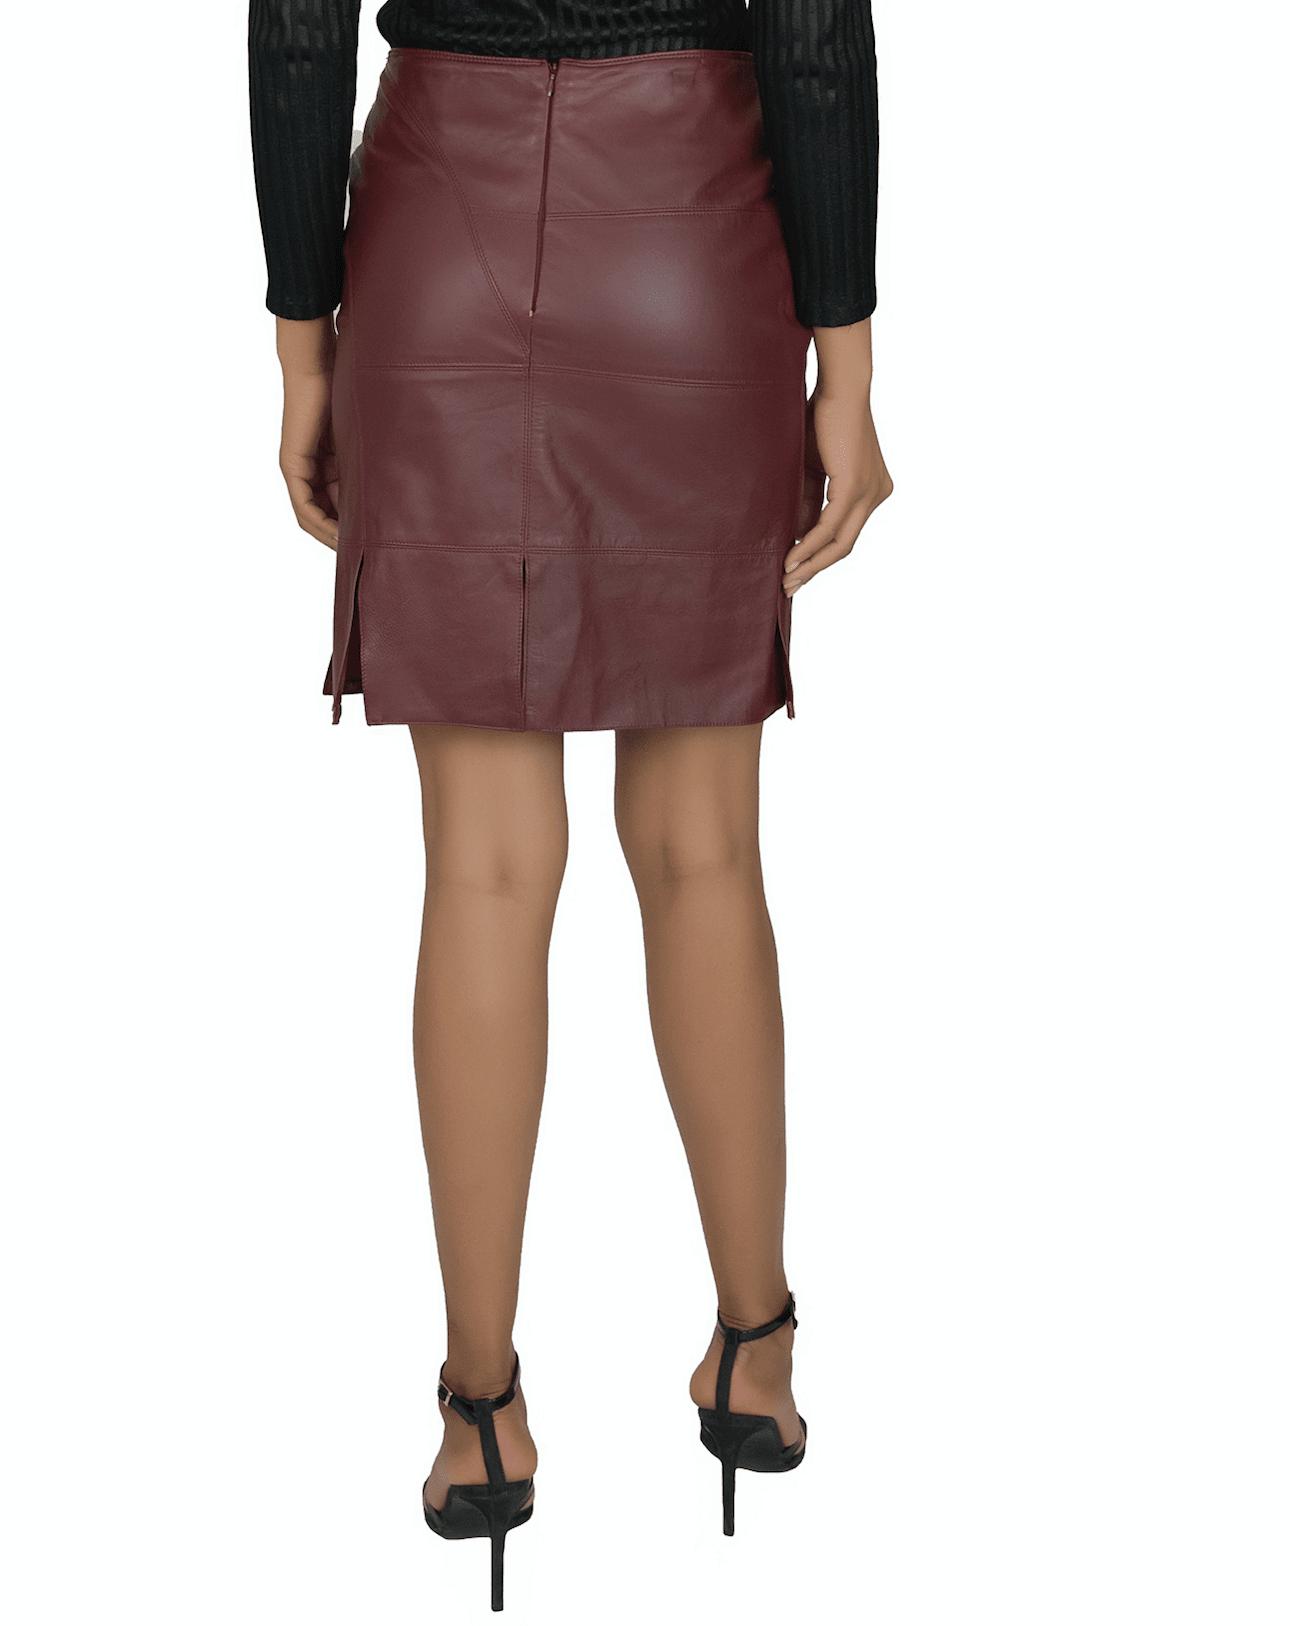 Skirt GARNET 1